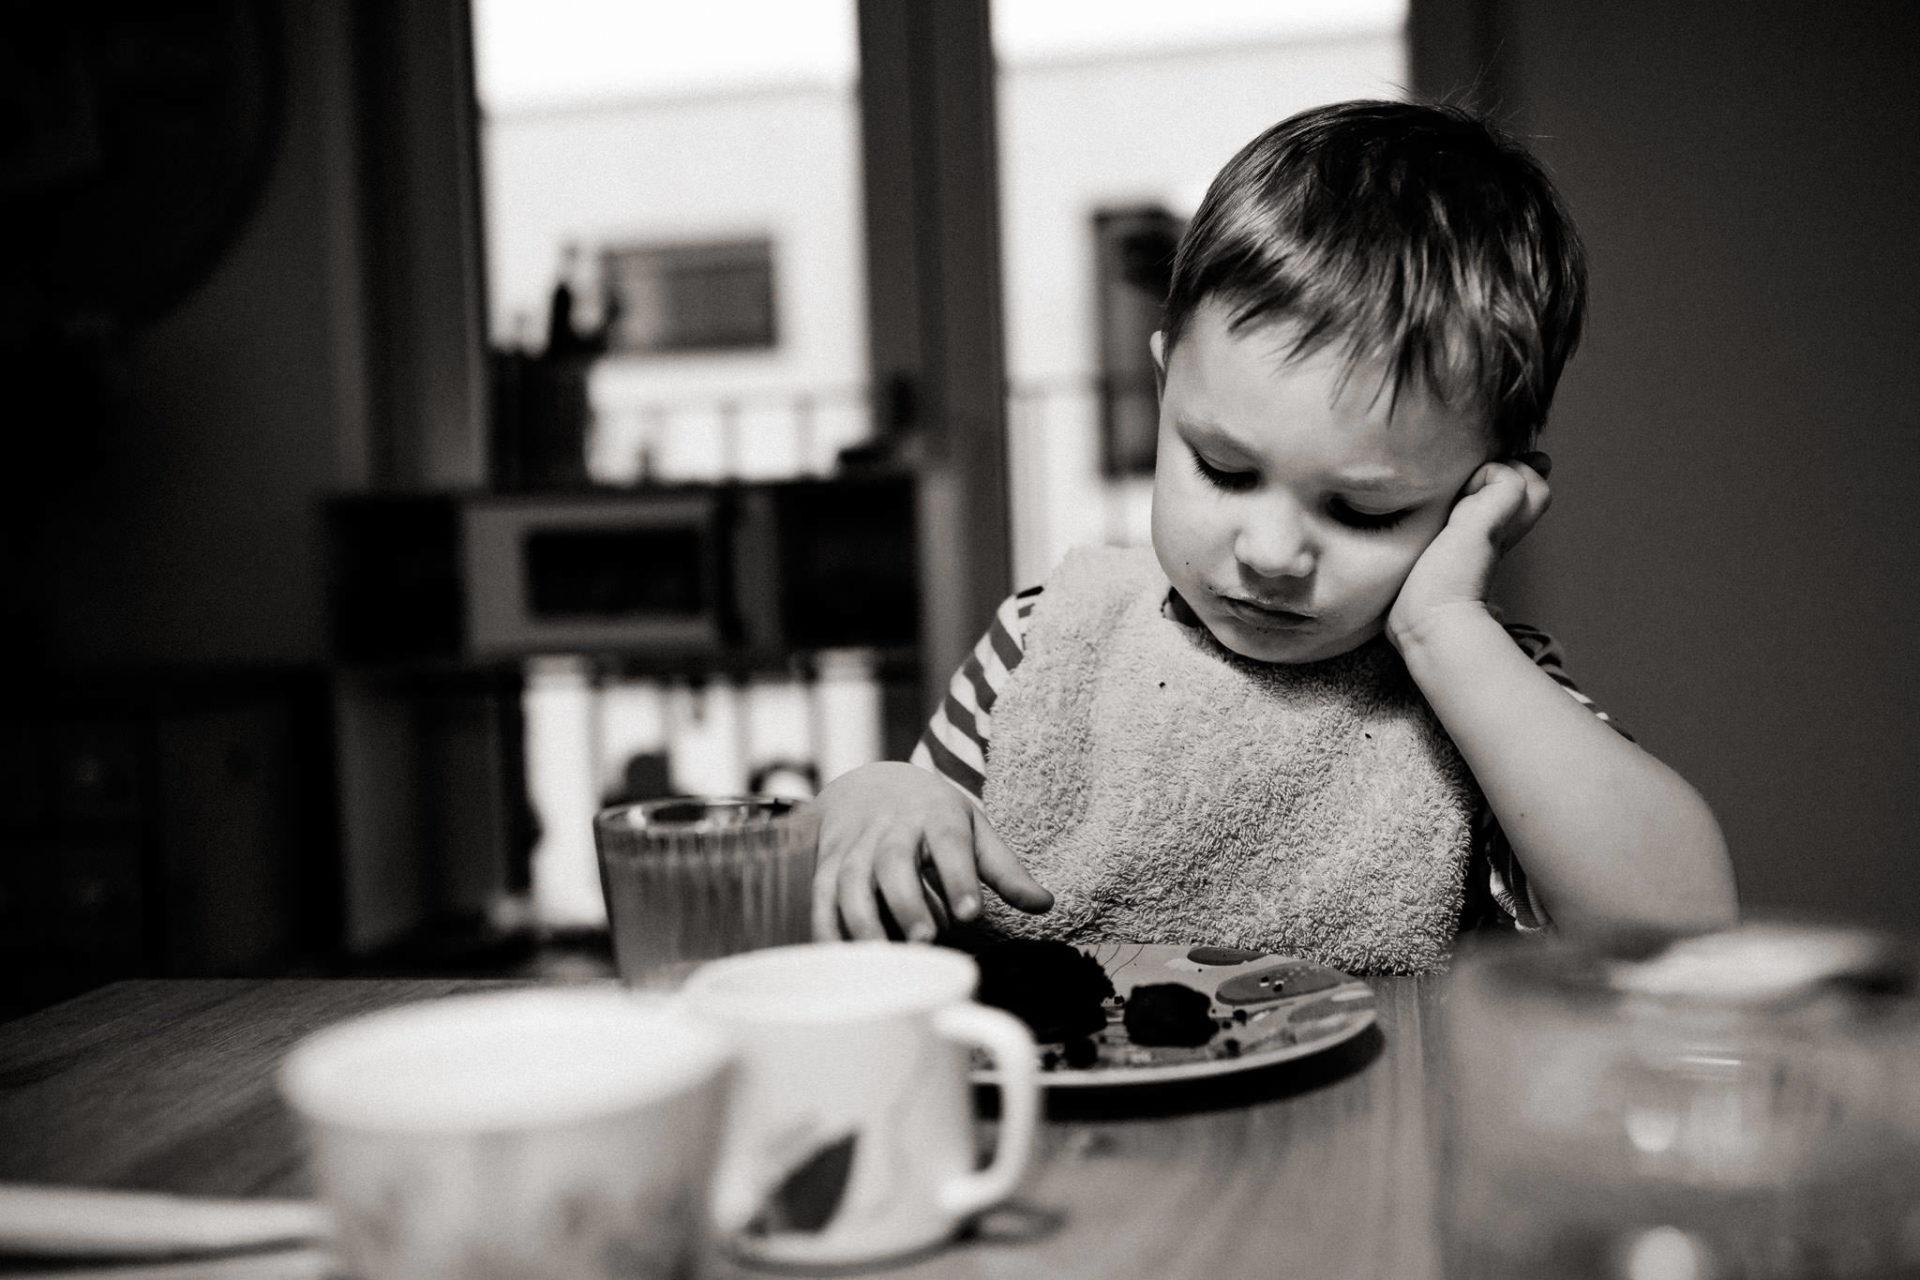 familienfotografie-mainz-journalistische-kinderbilder-dreijaehriger-isst-cookie-schwarzweiß